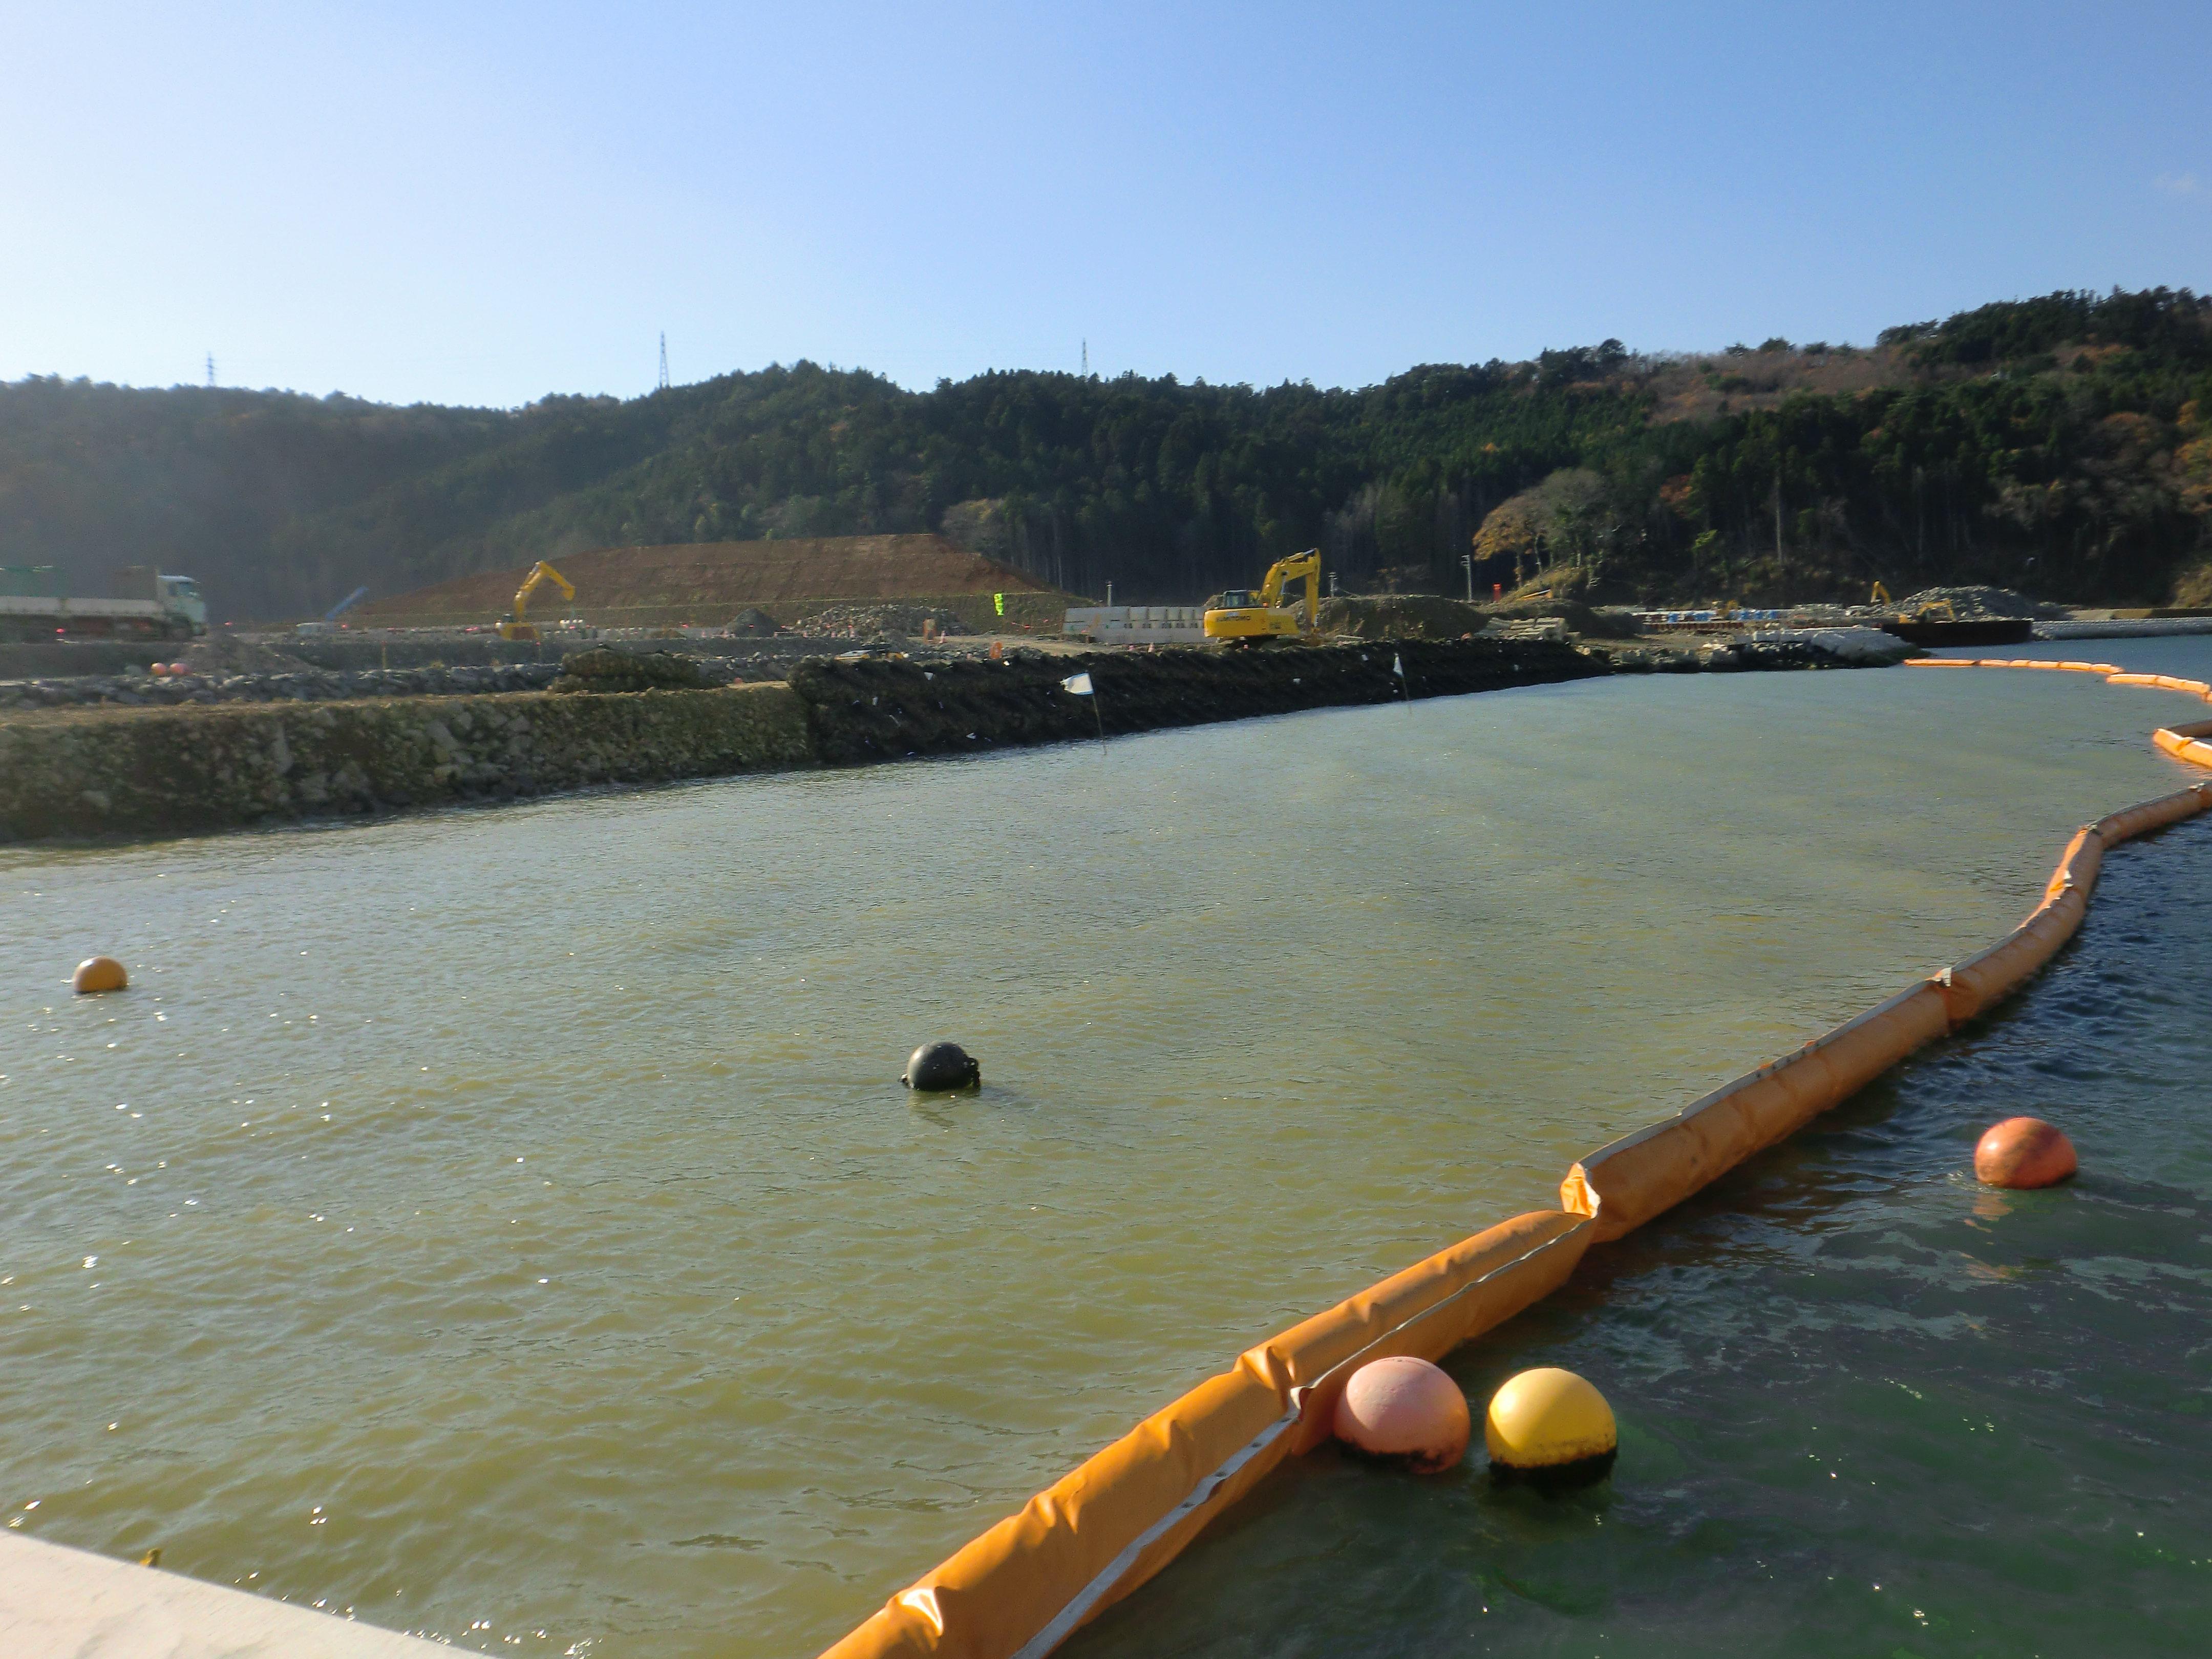 OKシルトフェンス:復旧工事時の汚濁拡散防止(海洋)